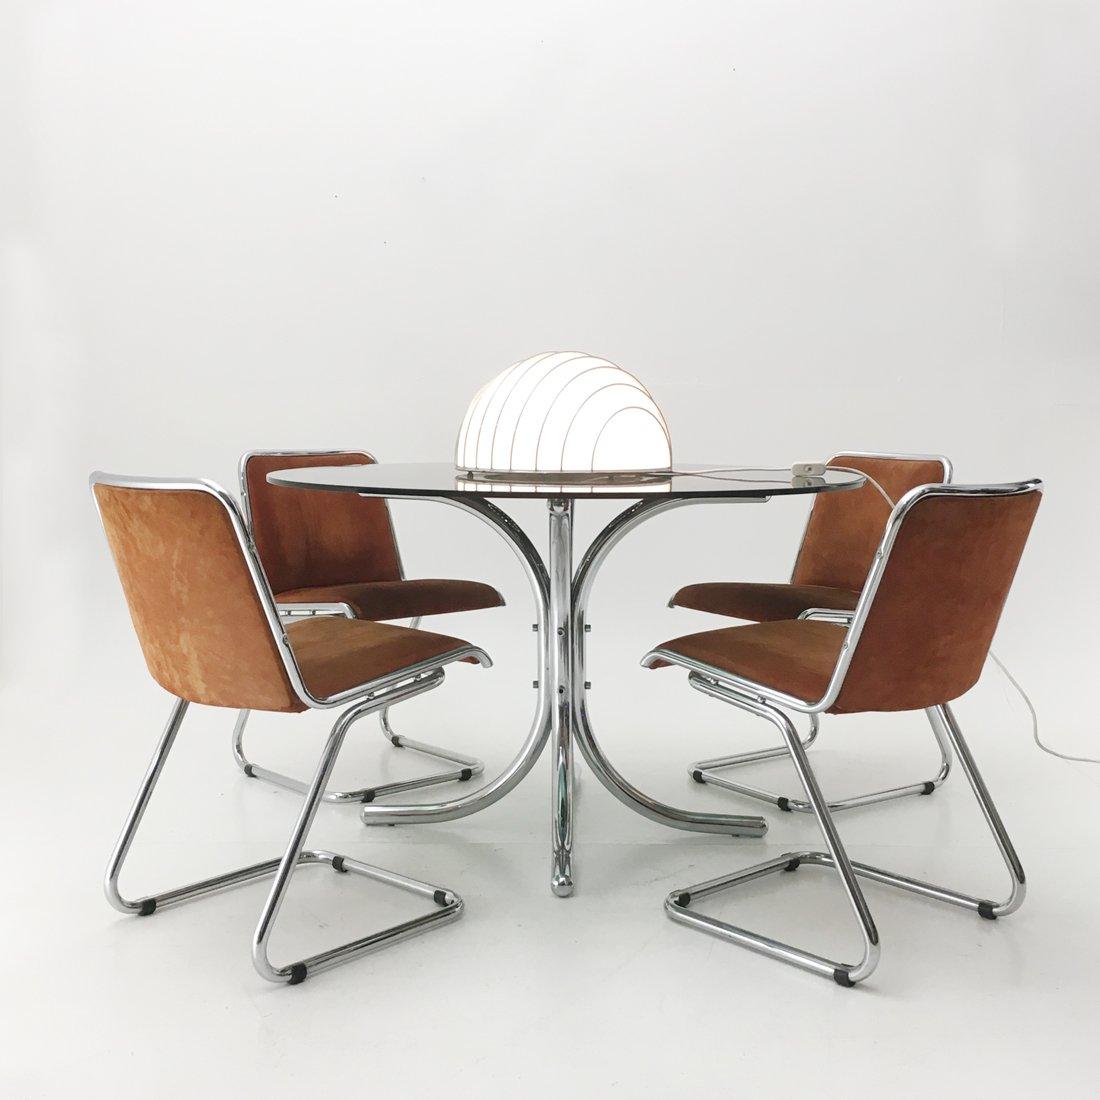 Italienischer verchromter esstisch mit glasplatte 1970er for Esstisch italienischer stil